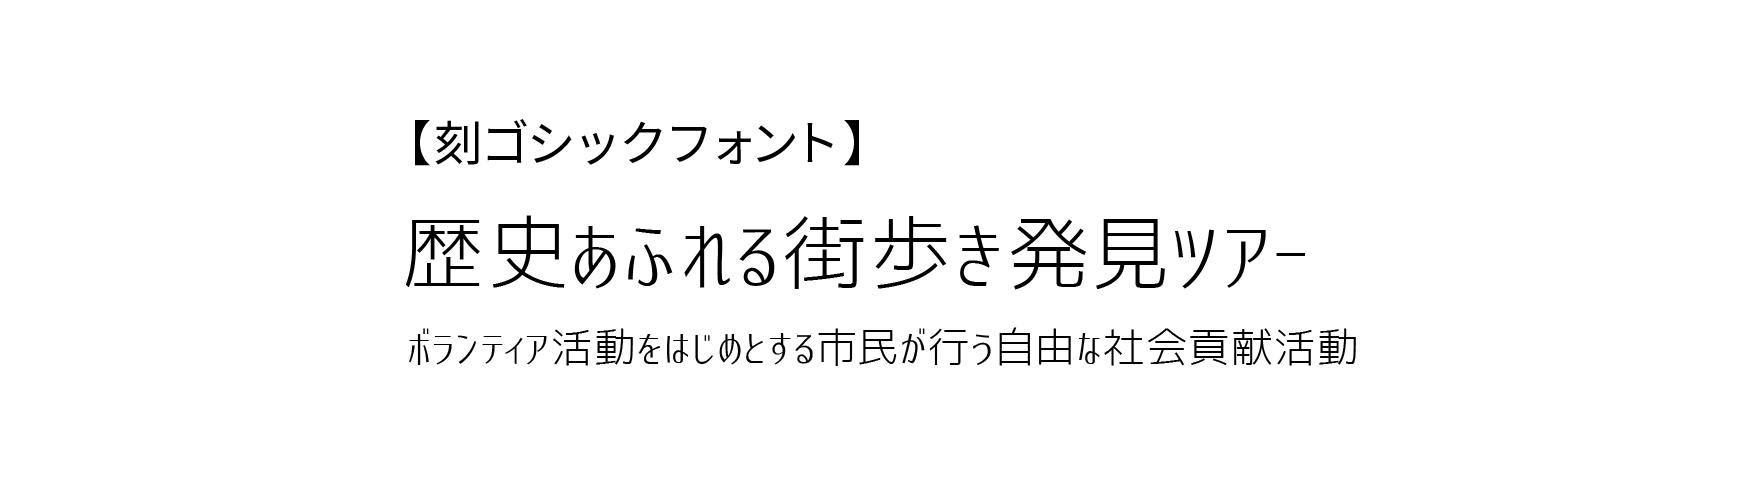 170508image630x360_sumple_kokugo